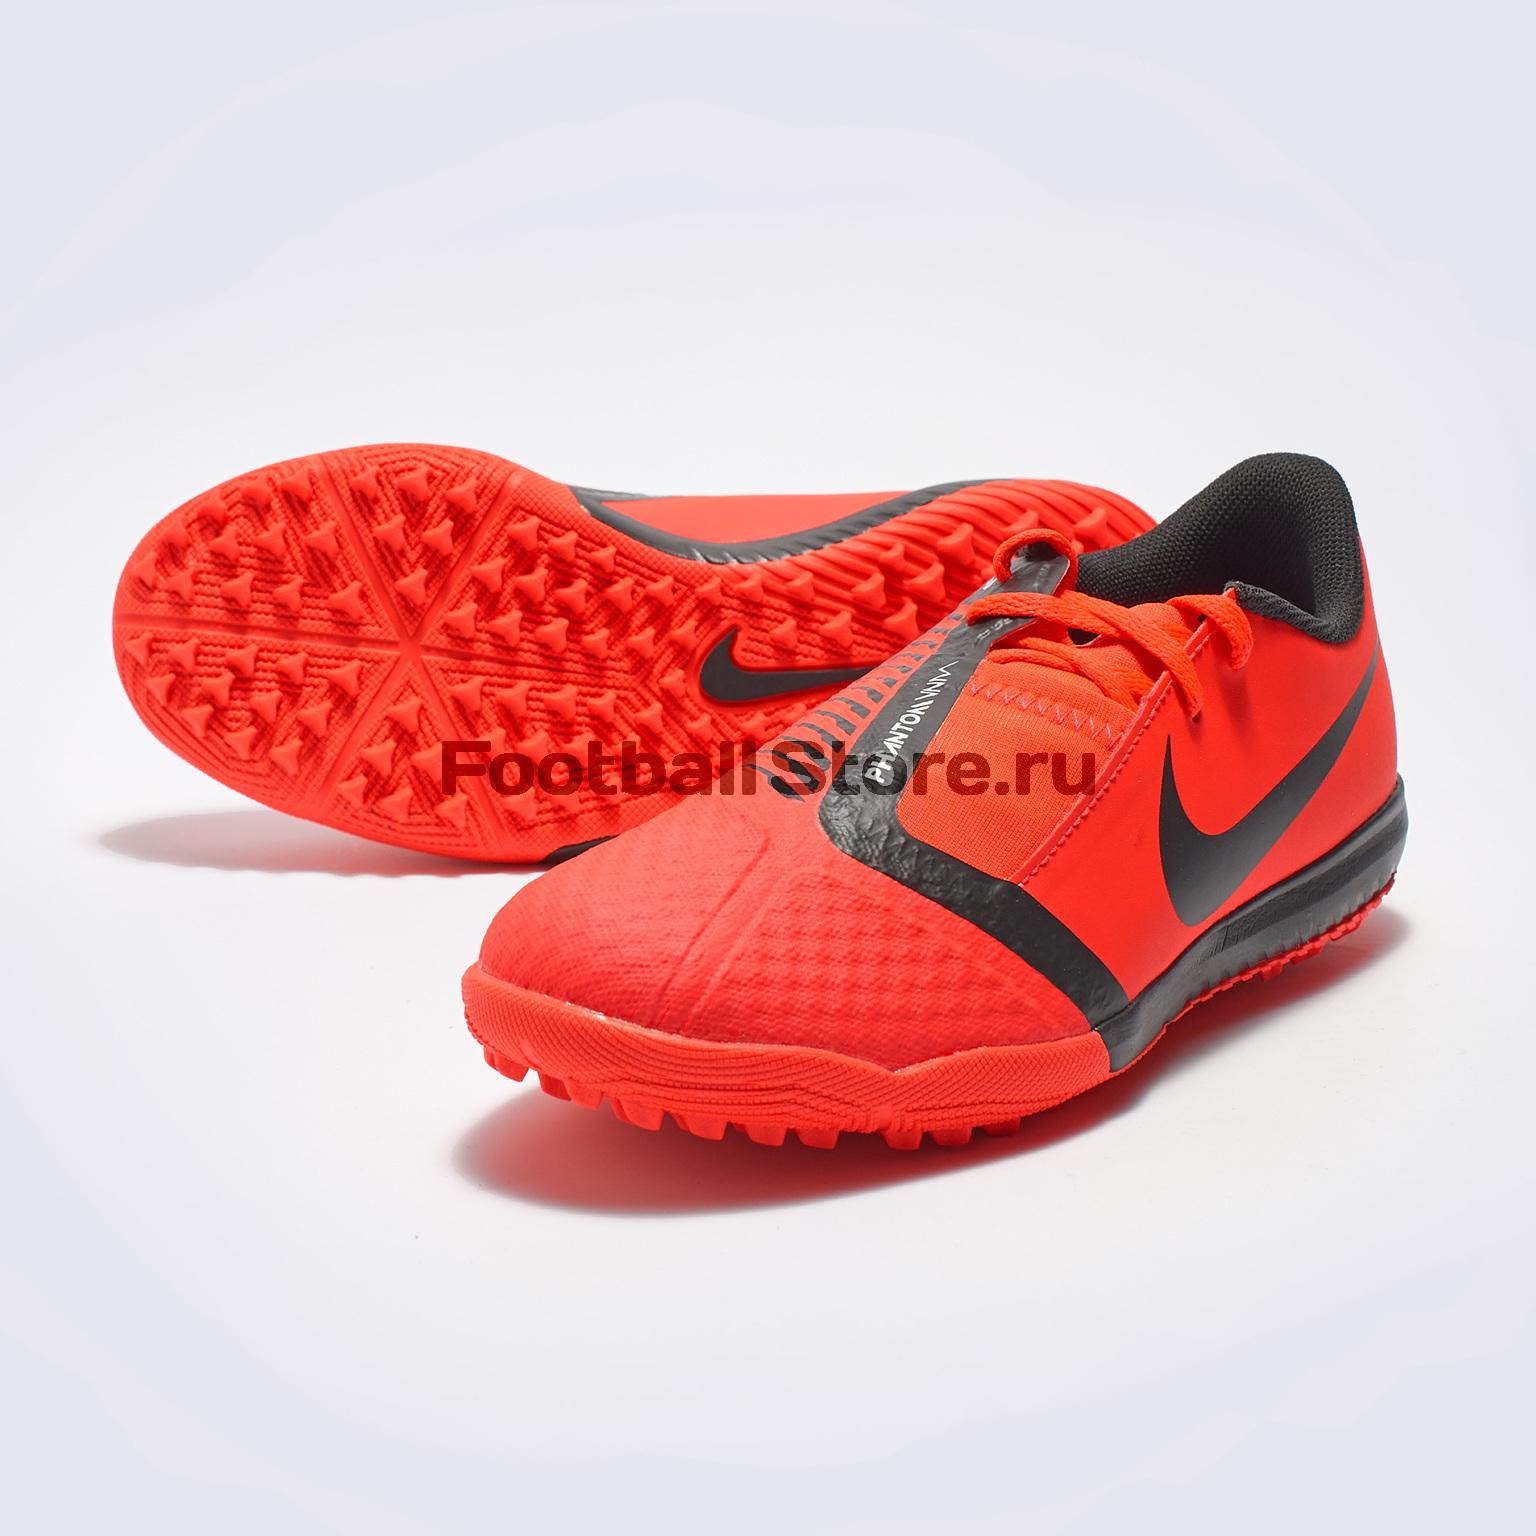 Шиповки детские Nike Phantom Venom Academy TF AO0377-600